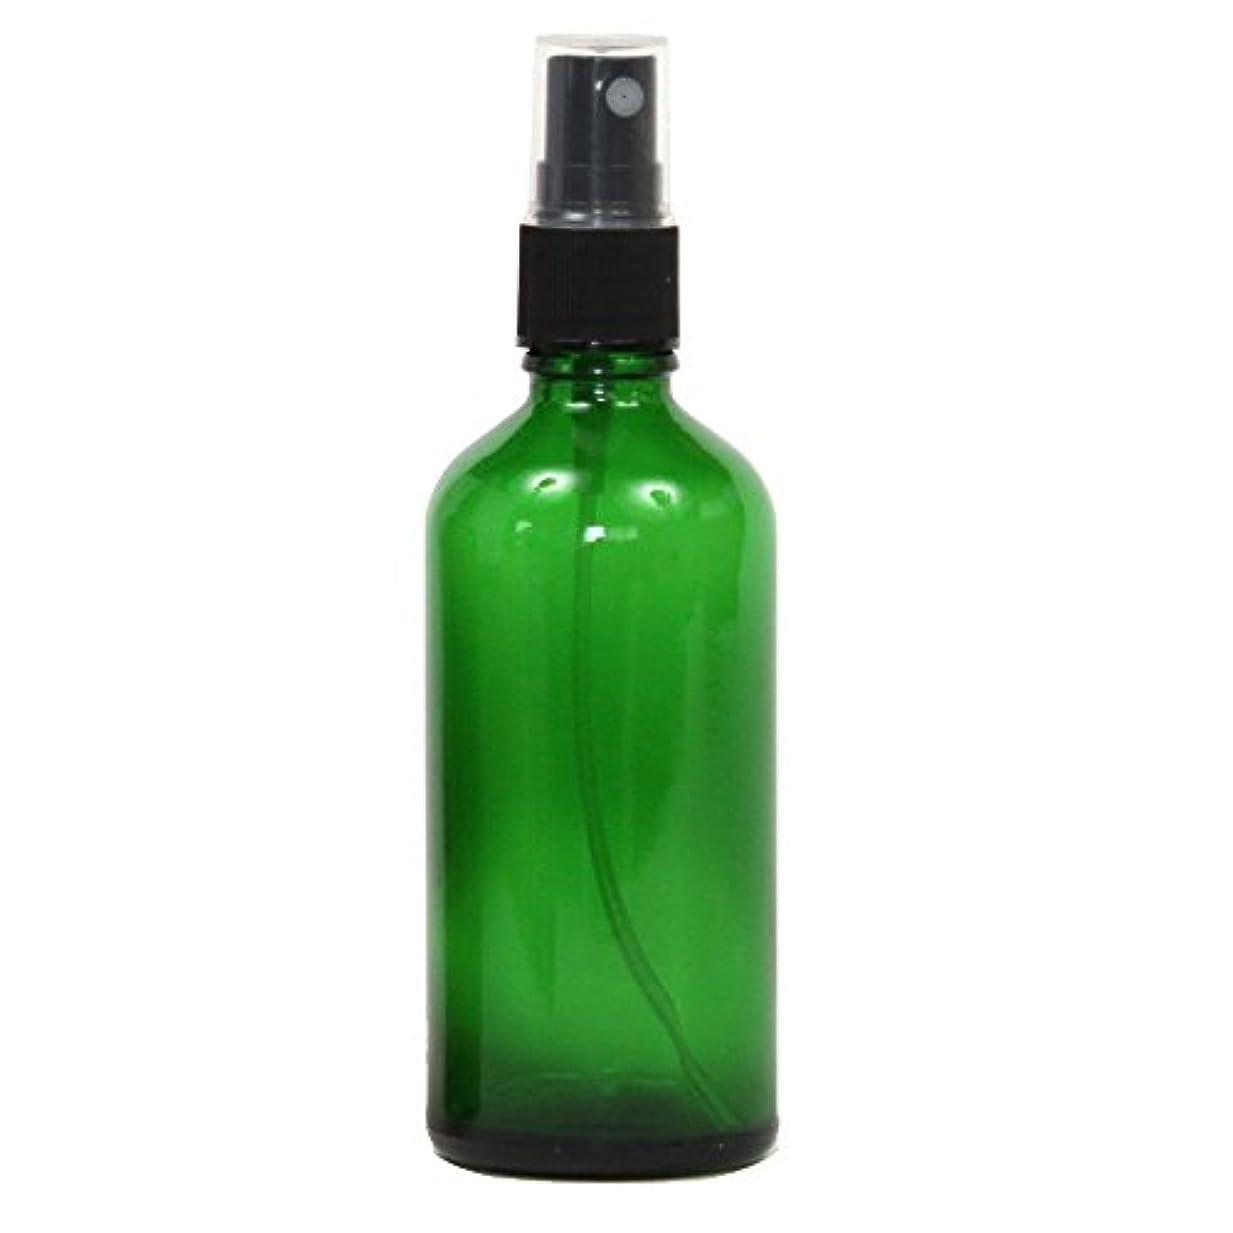 バレーボール論理的形状スプレーボトル ガラス瓶 100mL 【グリーン 緑色】 遮光性 ガラスアトマイザー 空容器gr100g